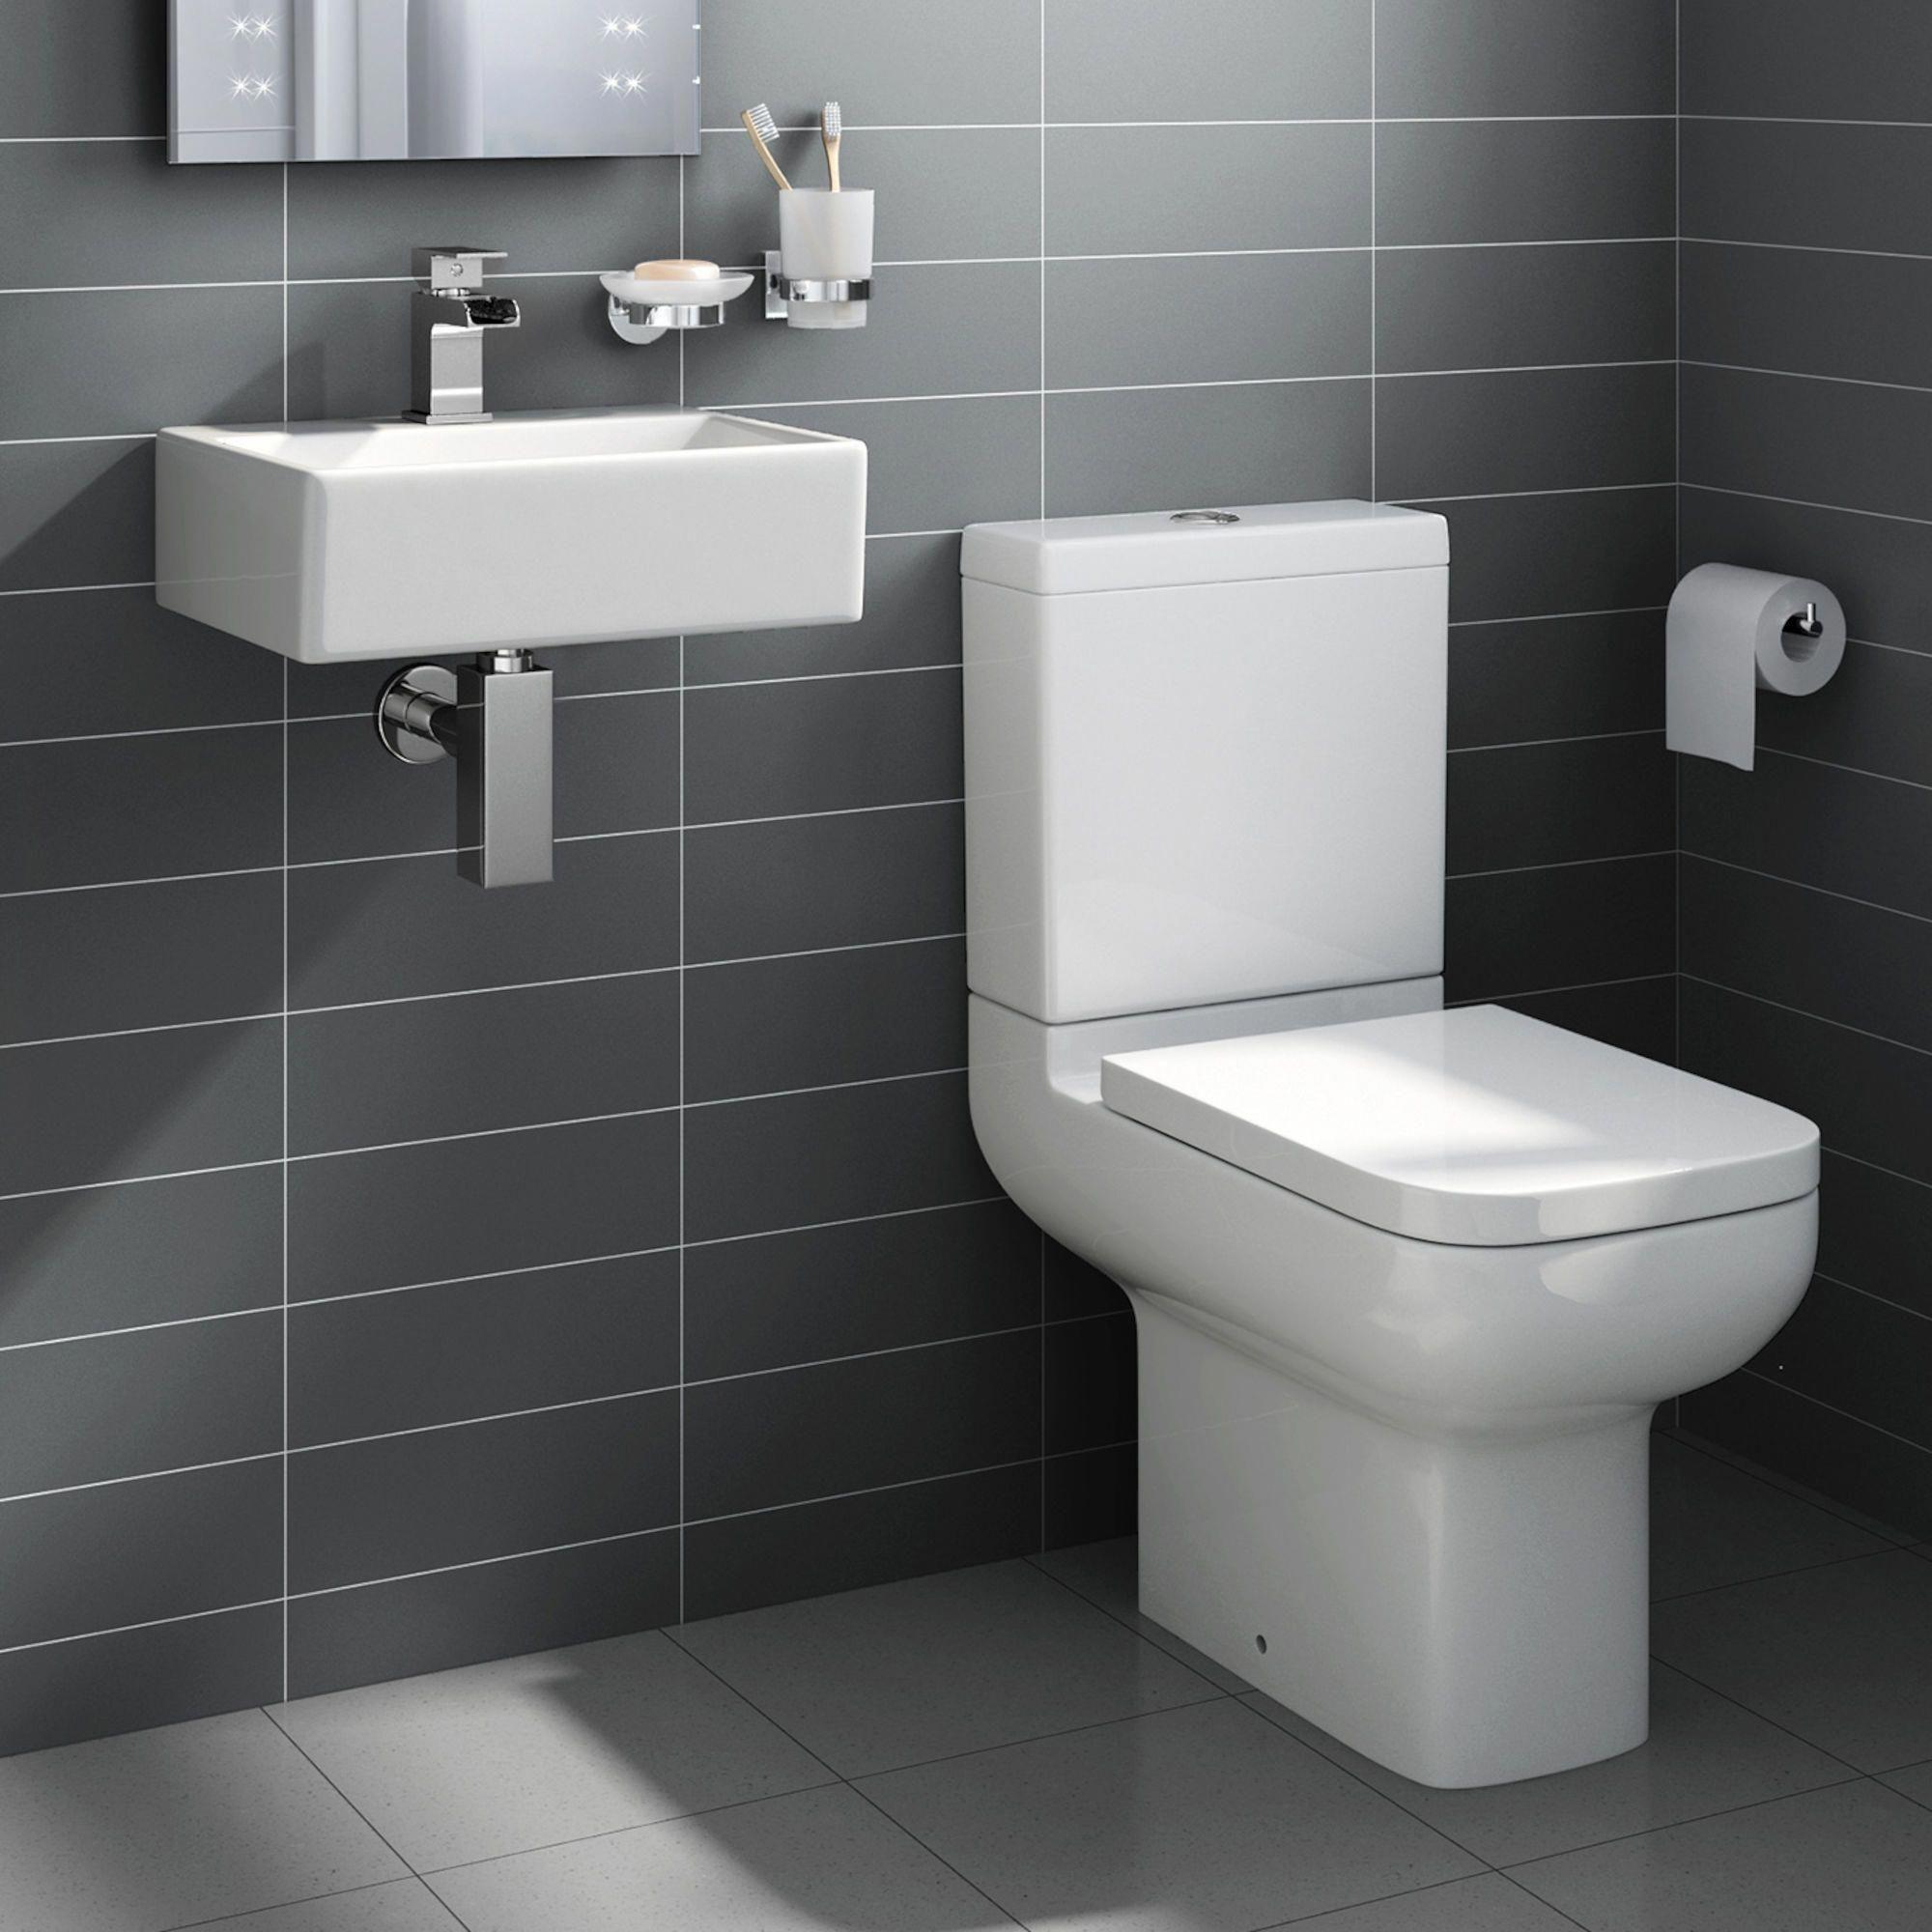 Short Projection Toilet Rita Wall Hung Basin Cloakroom Set Medium Soak Com Toiletsink Diseno De Banos Decoraciones Del Hogar Decoraciones De Casa